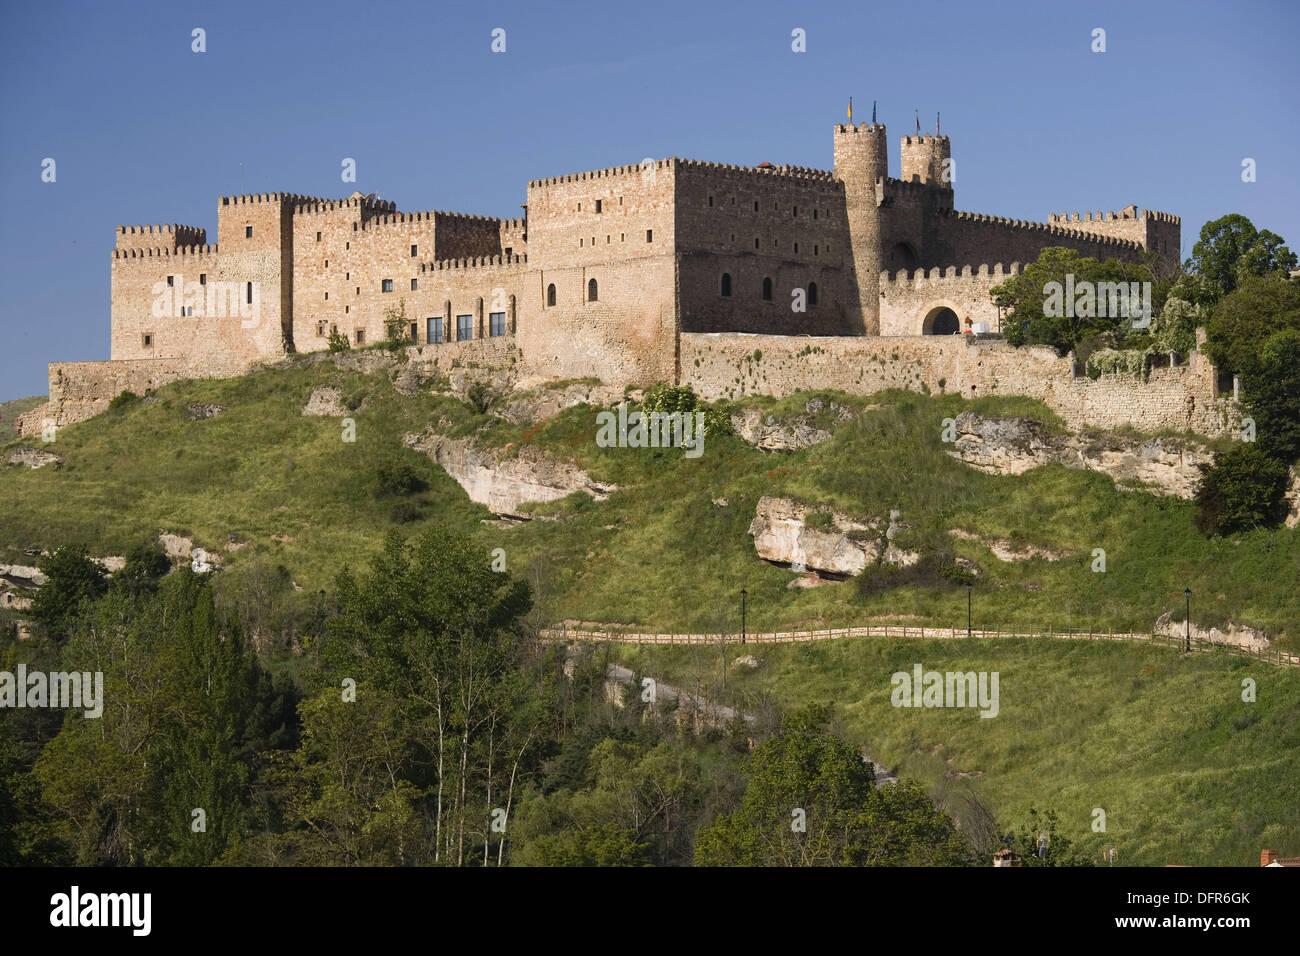 castillo de los obispos actual parador de turismo